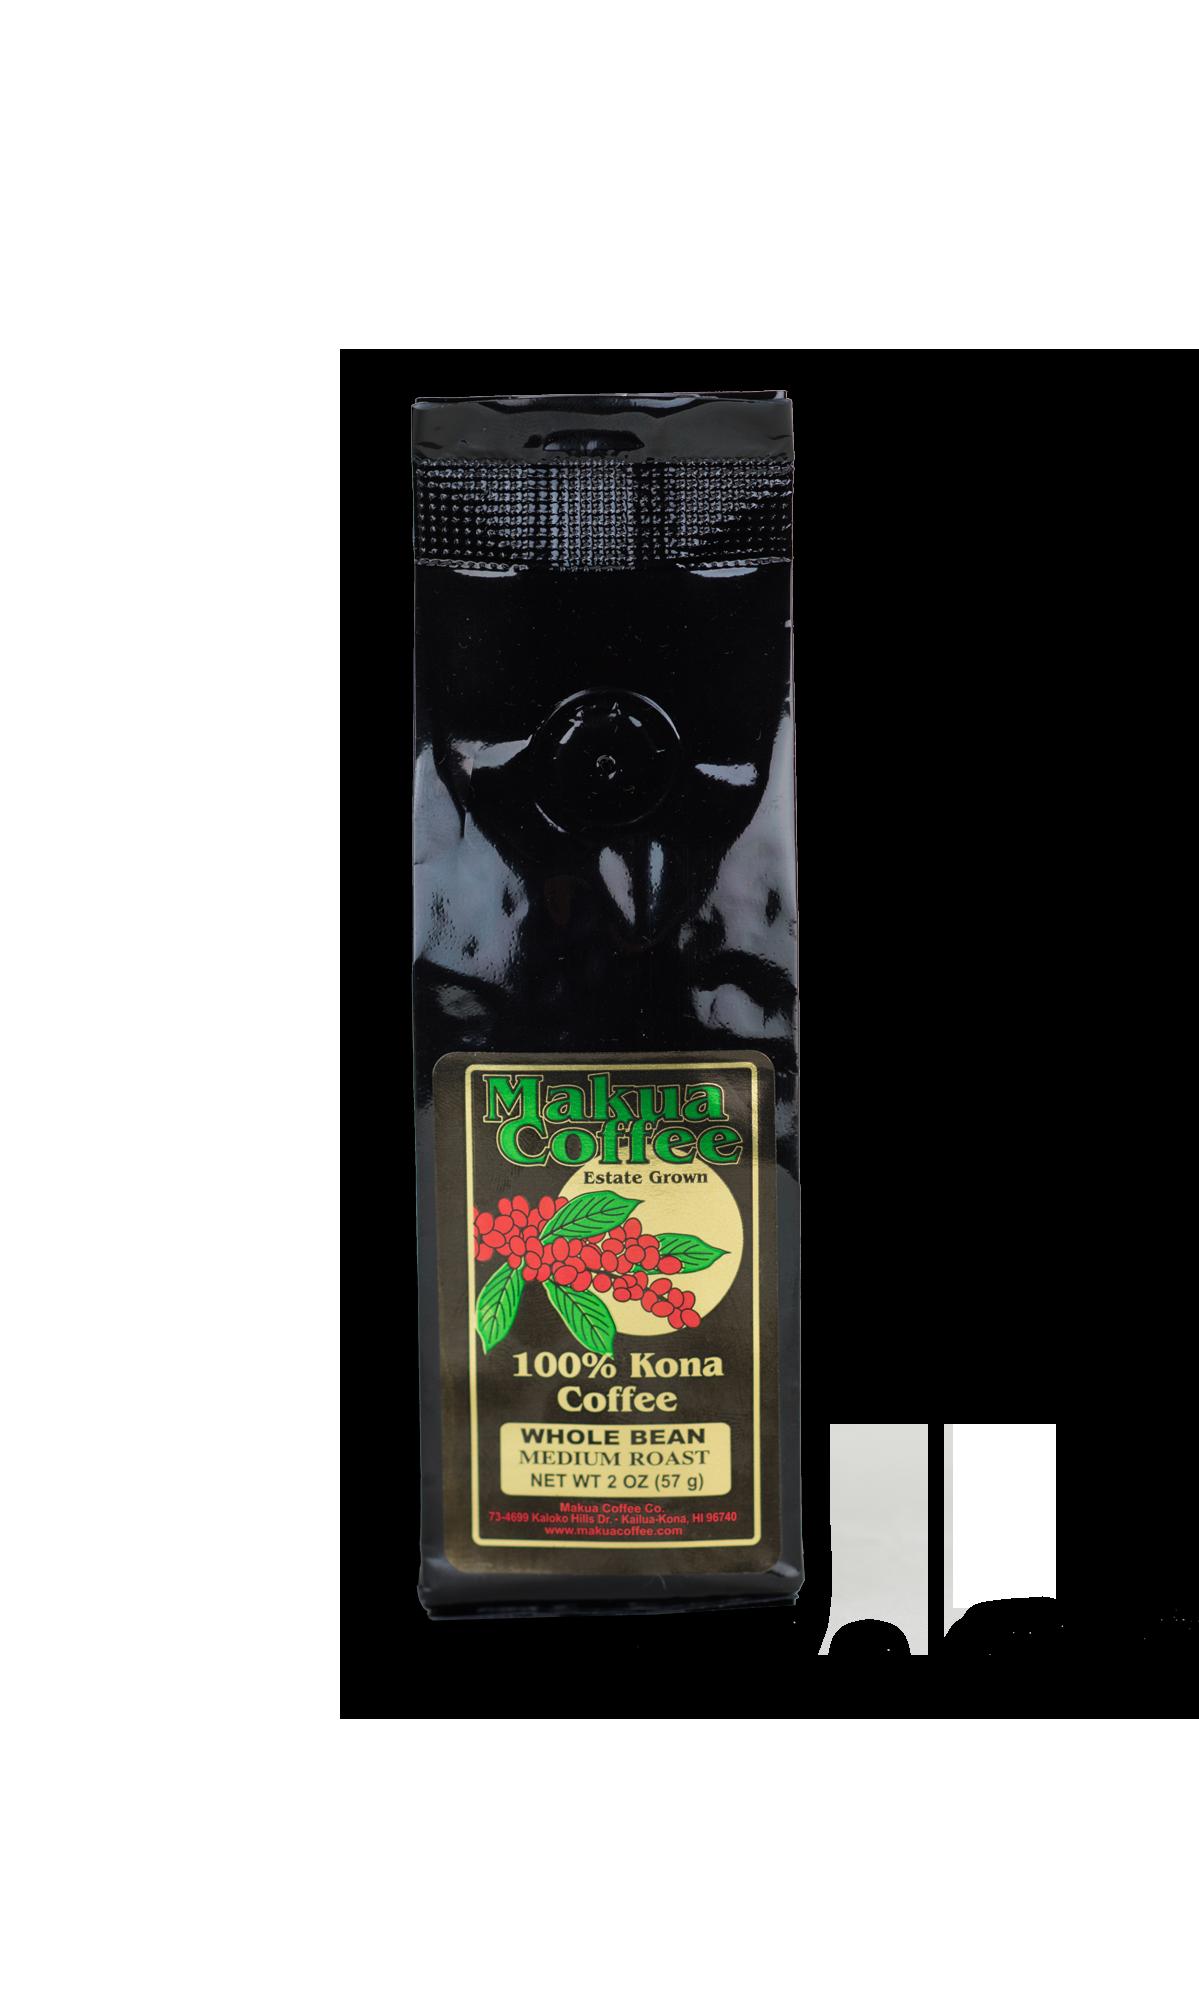 Makua Coffee Company 100% Kona Coffee Medium Roast Coffee Whole Bean 2 oz bag